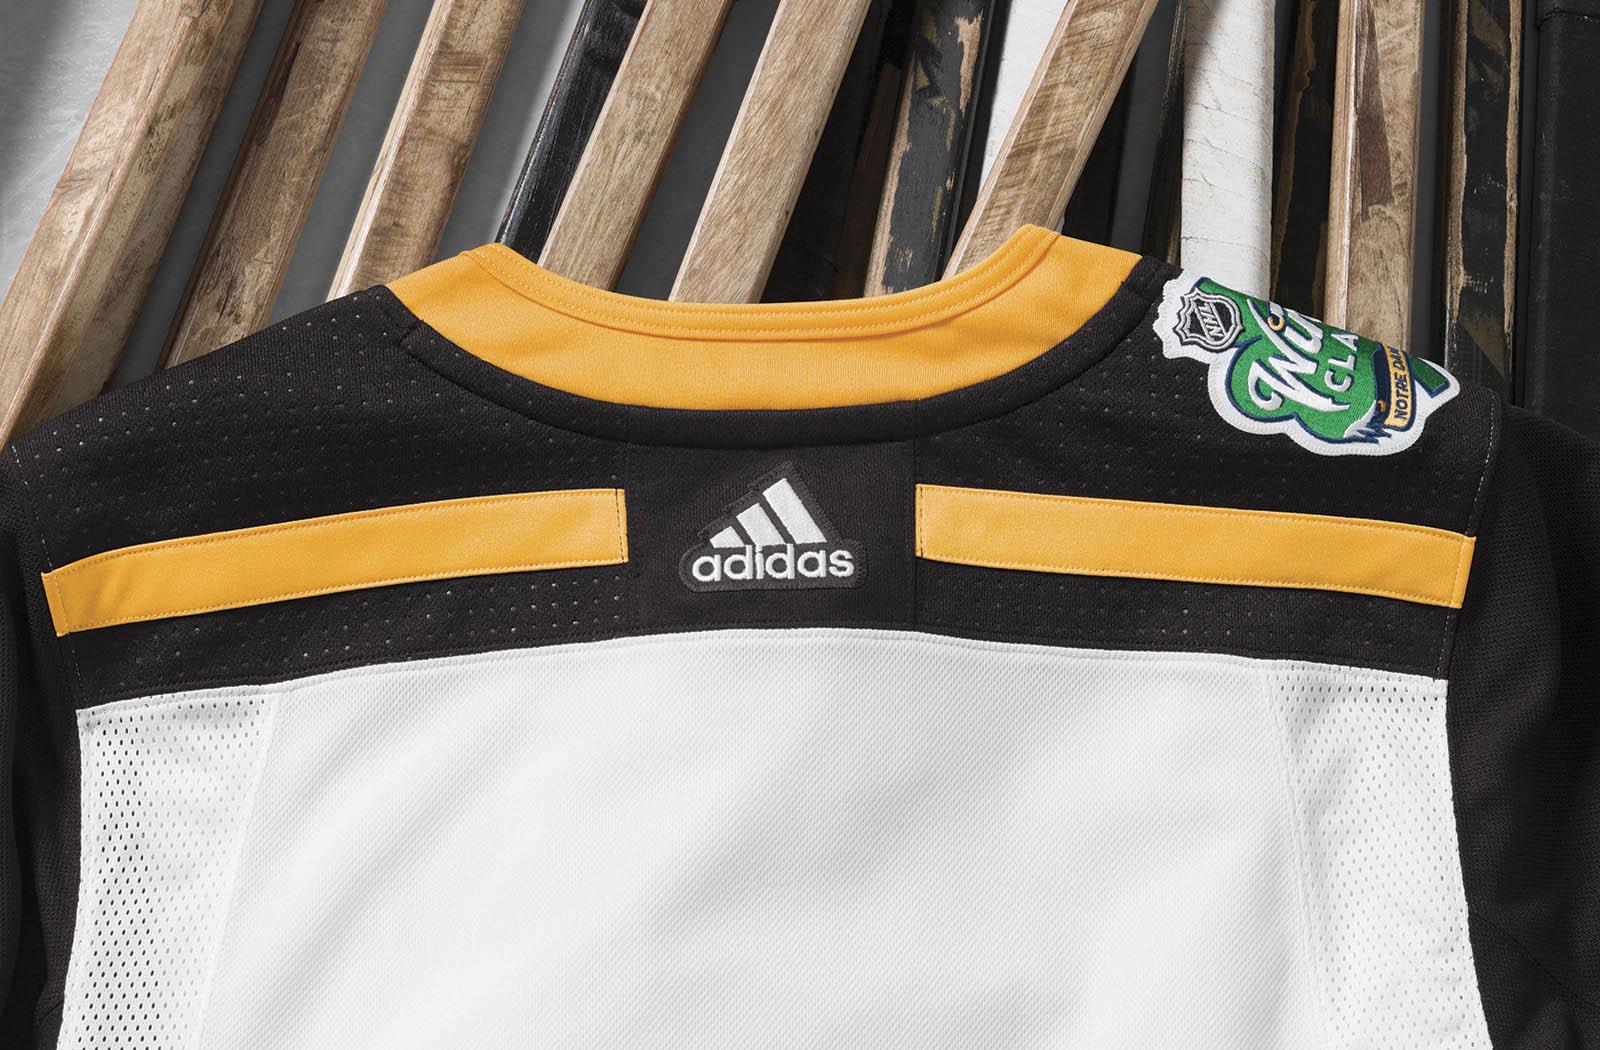 adidasHockey x Boston WinterClassic_04.jpg